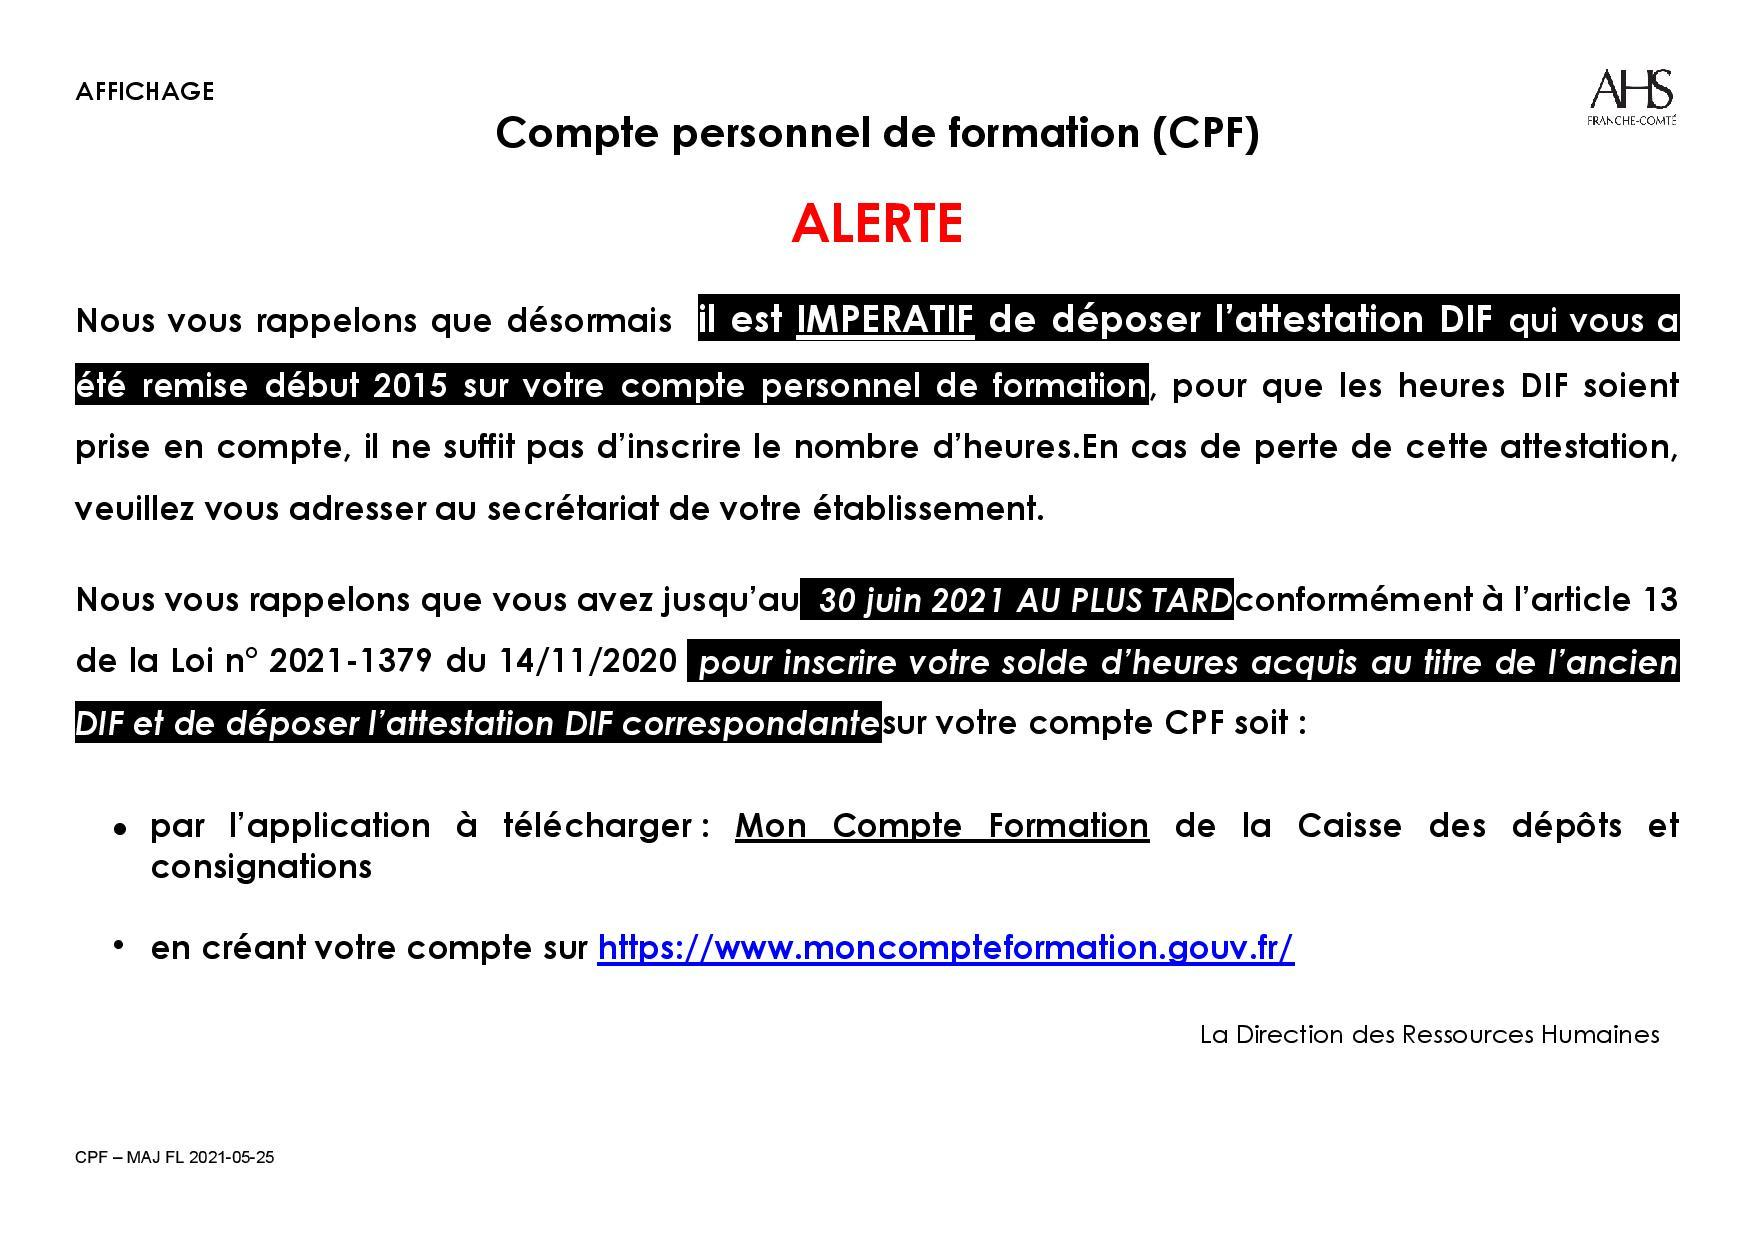 Dif 2021 06 18 cpf affichage c page 001